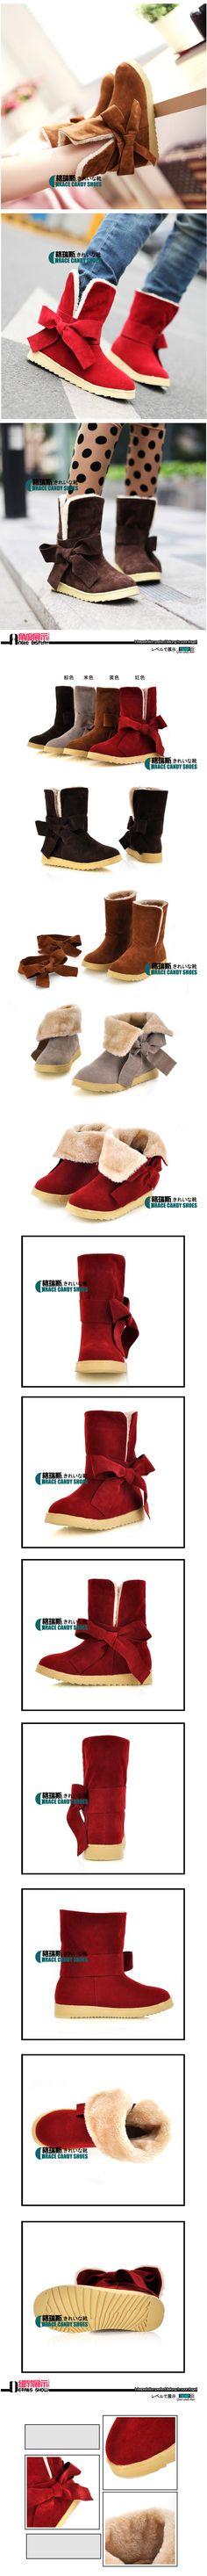 2012 de outono einverno botas de neve doce laço laço apartamento calcanhar algodão acolchoado botas sapatos